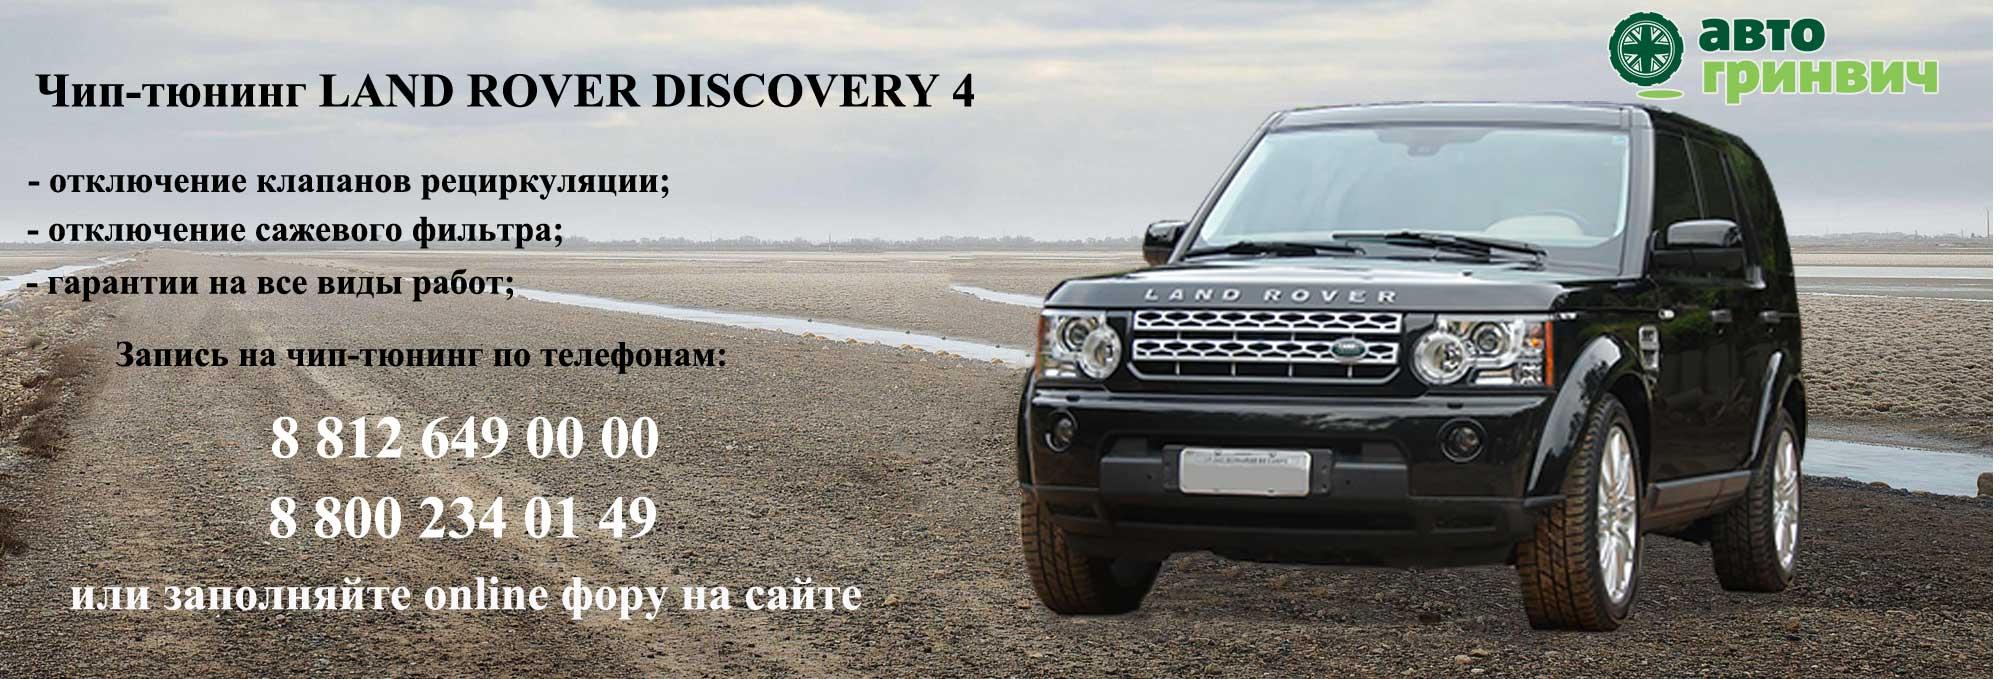 Чип-тюнинг Discovery 4